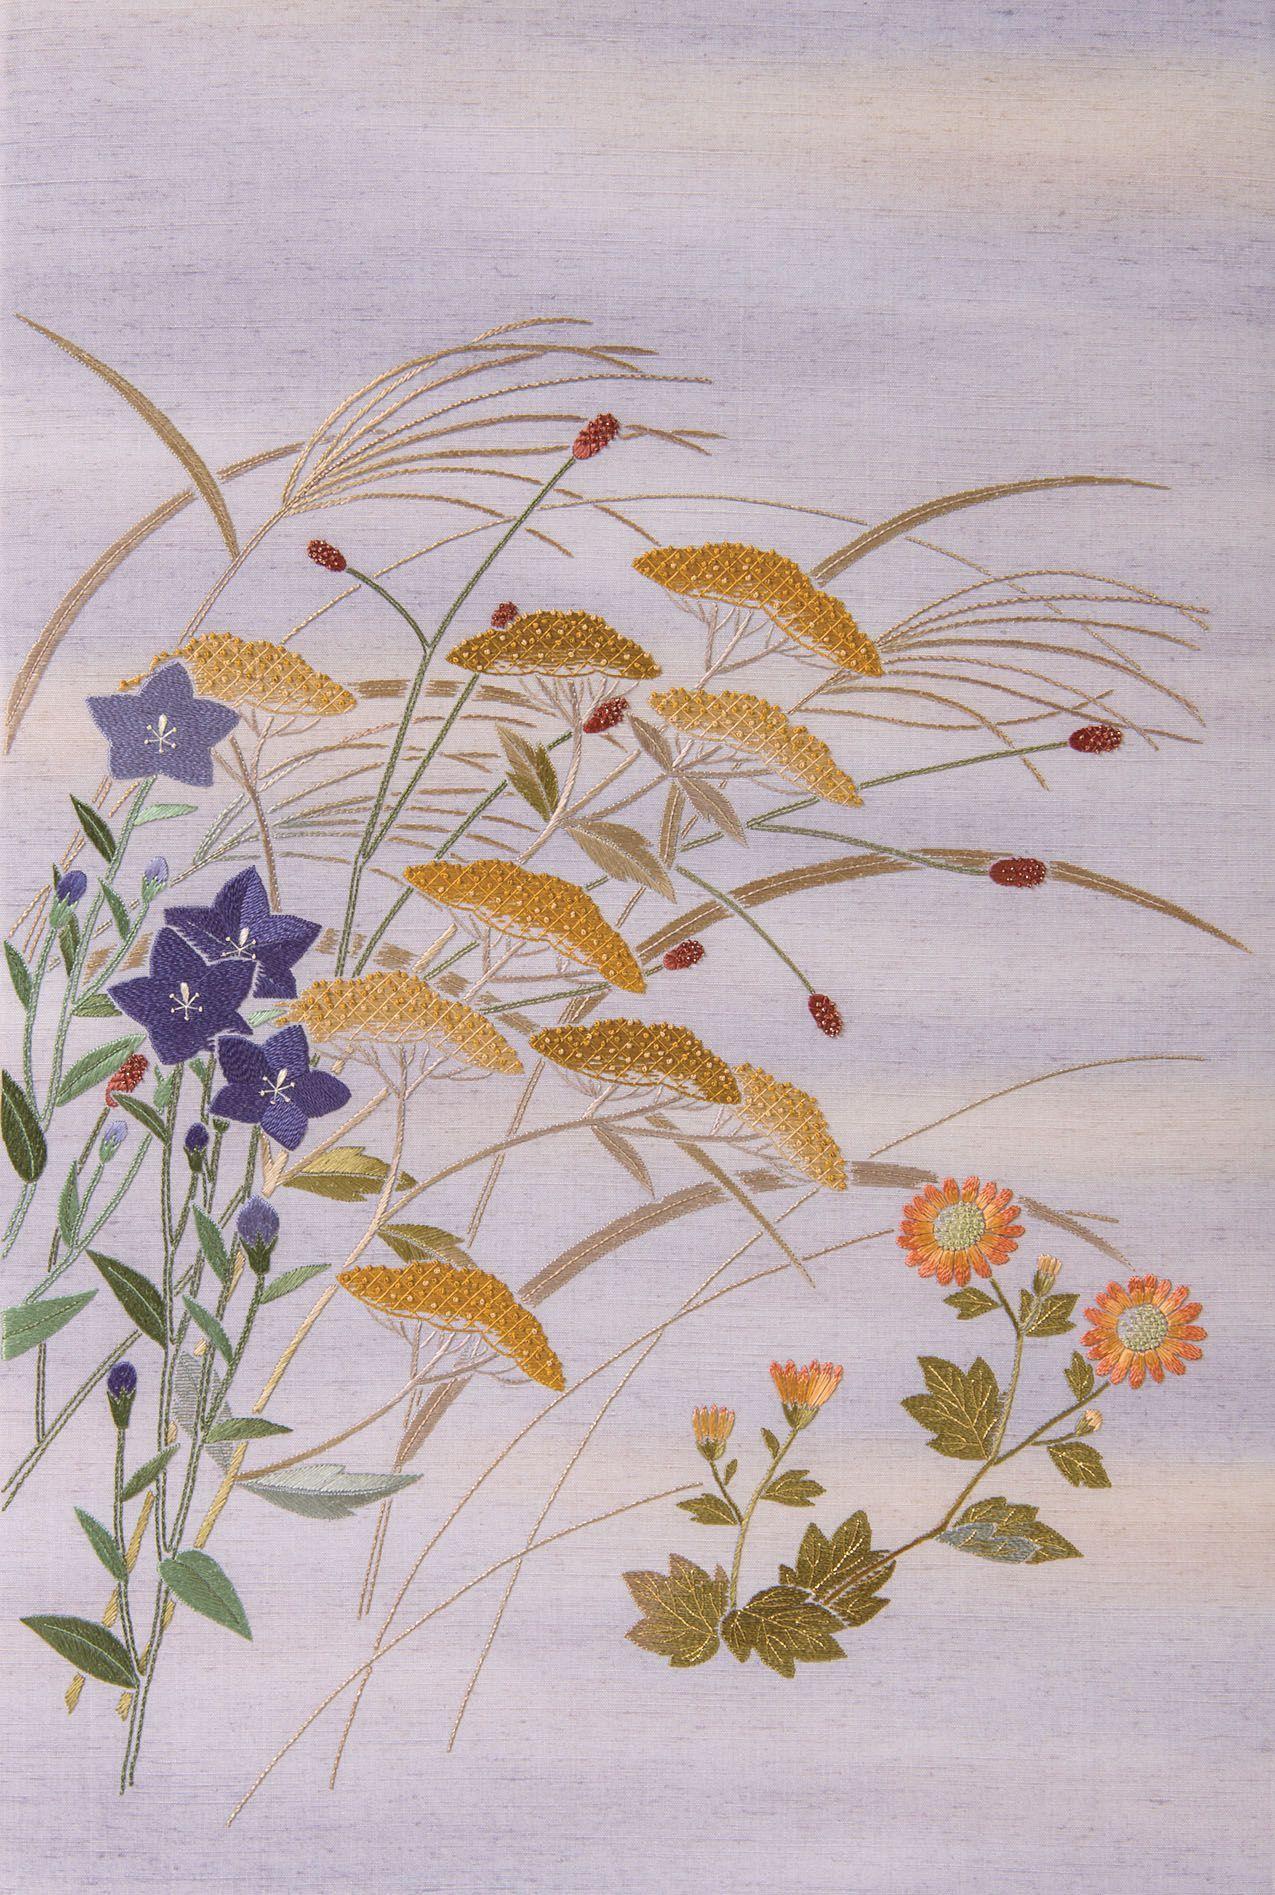 日本刺繍ギャラリー研究コース作品 日本刺繍 紅会くれないかい